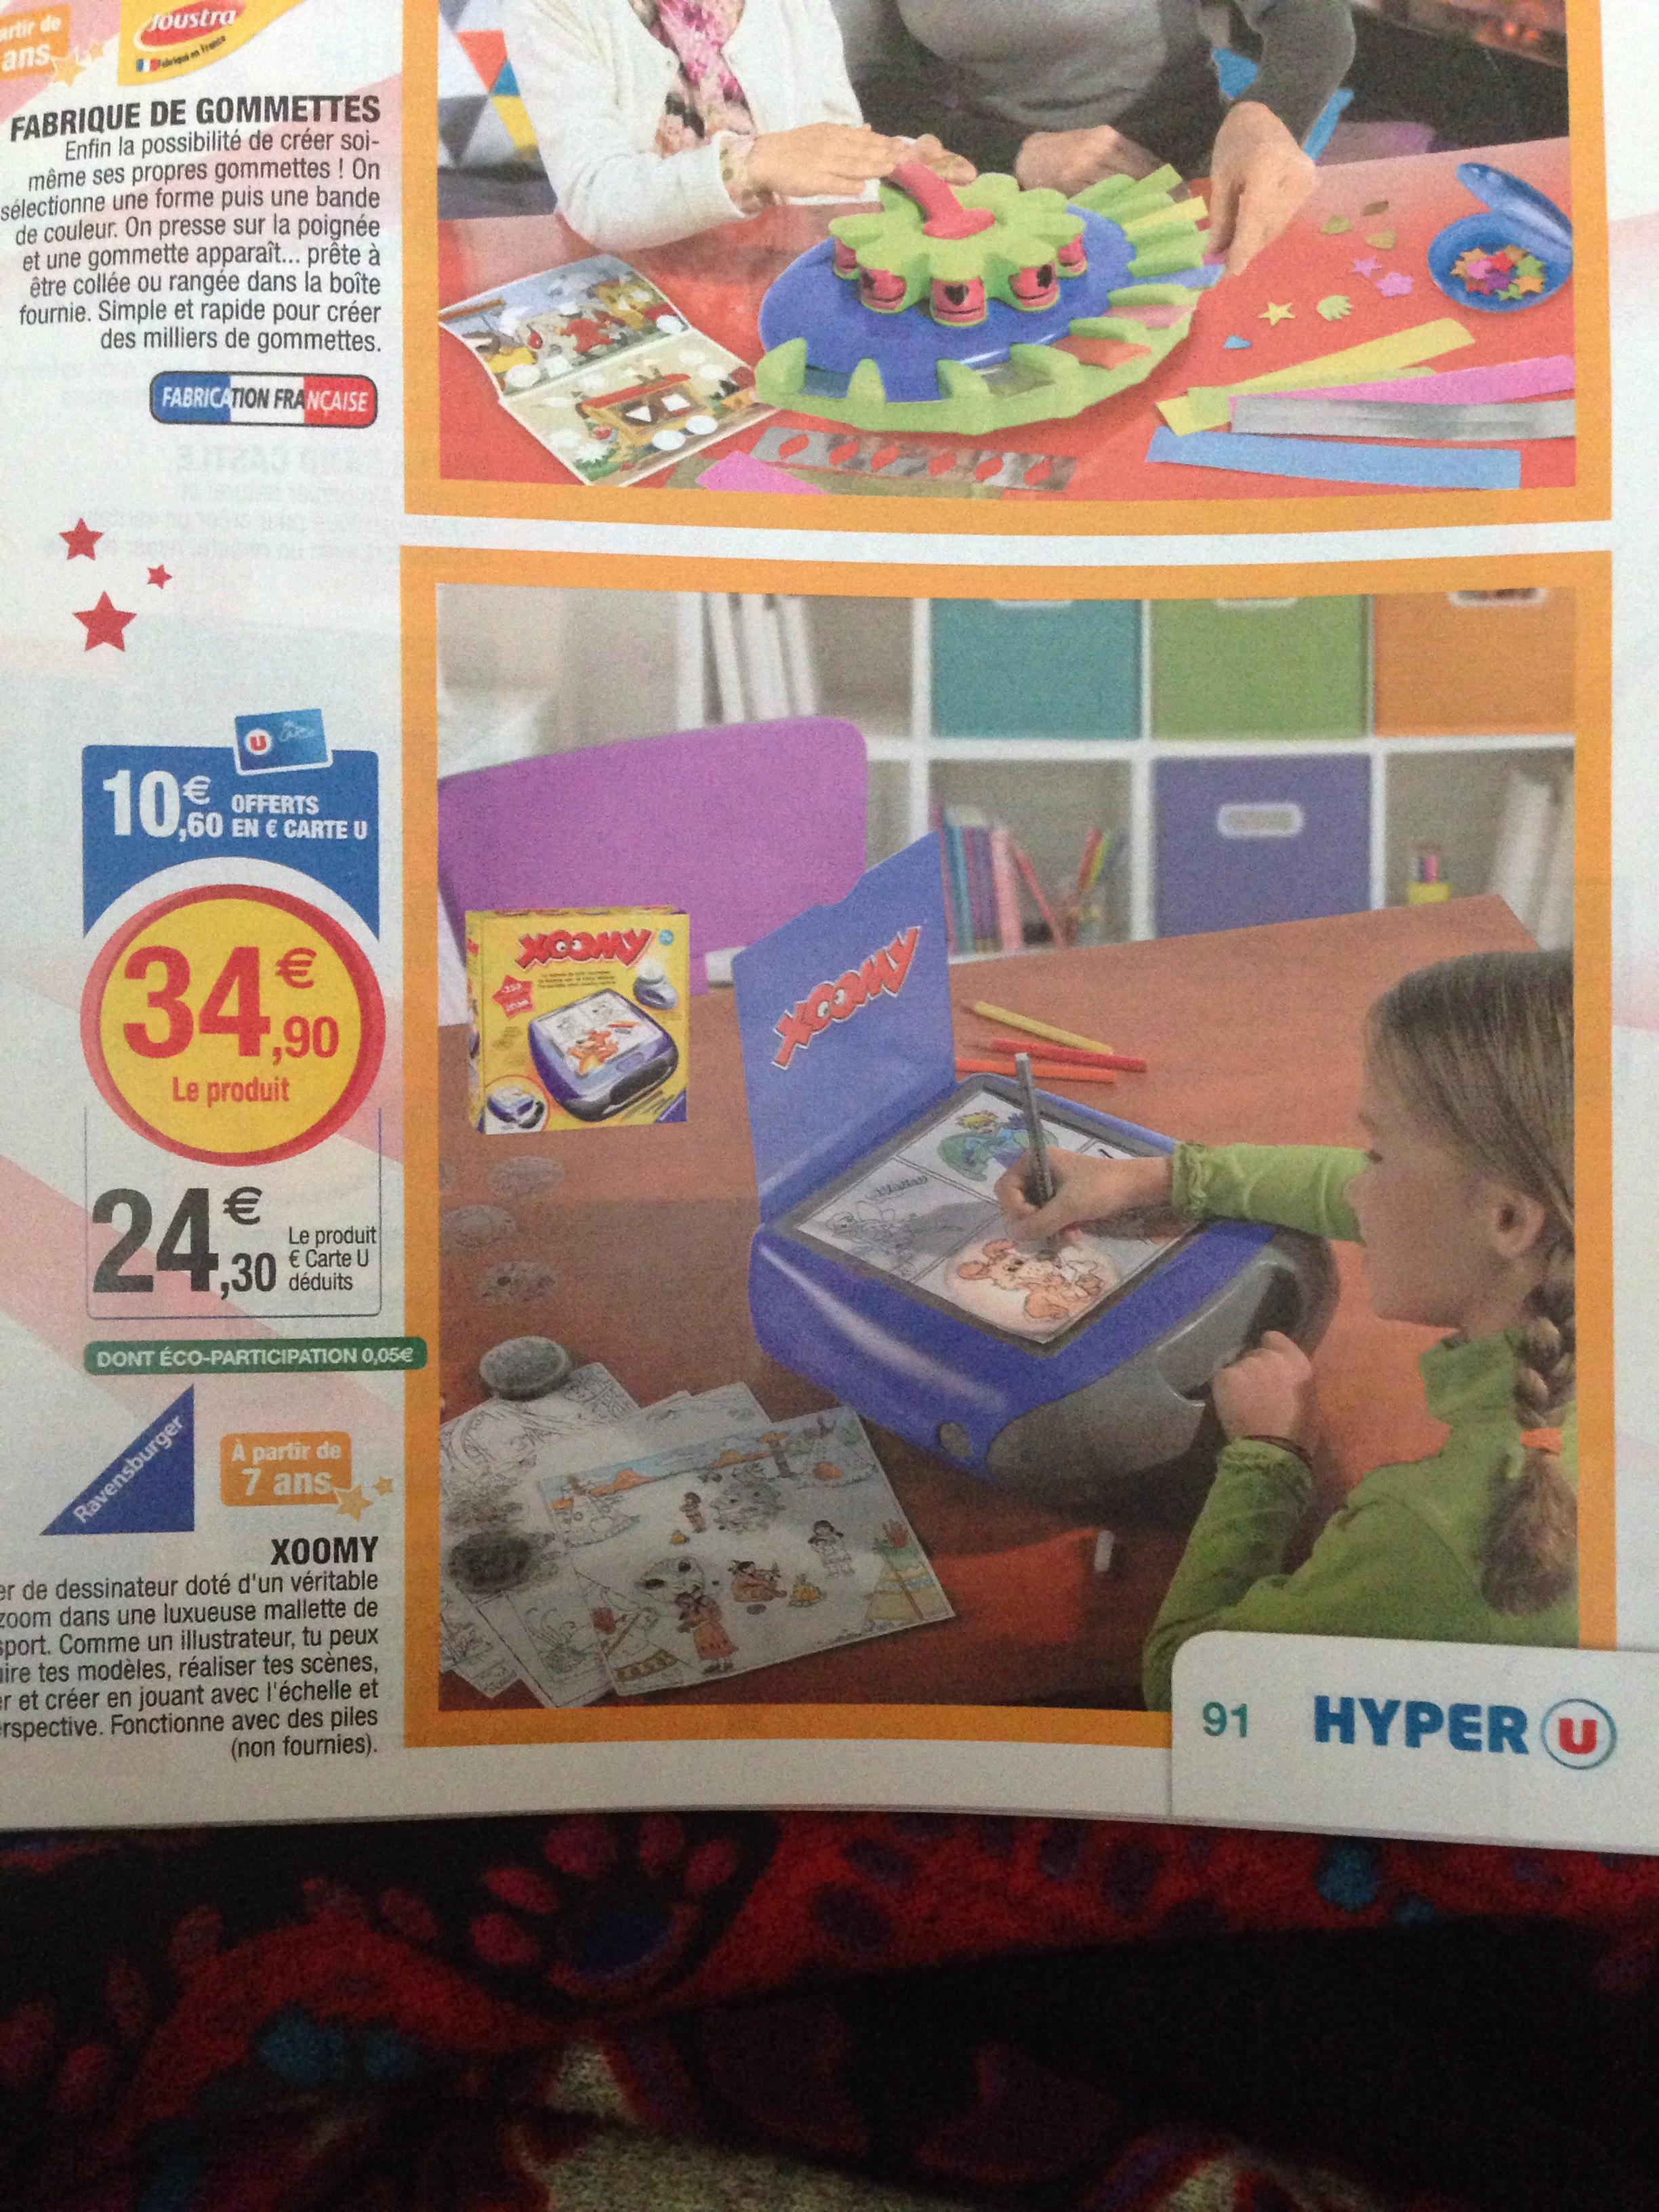 """2 mallettes de jeux Xoomy """"L'atelier de dessinateur"""" (via ODR de 33,90€ + 21,20€ compte fidélité + 10€ de bon d'achat)"""